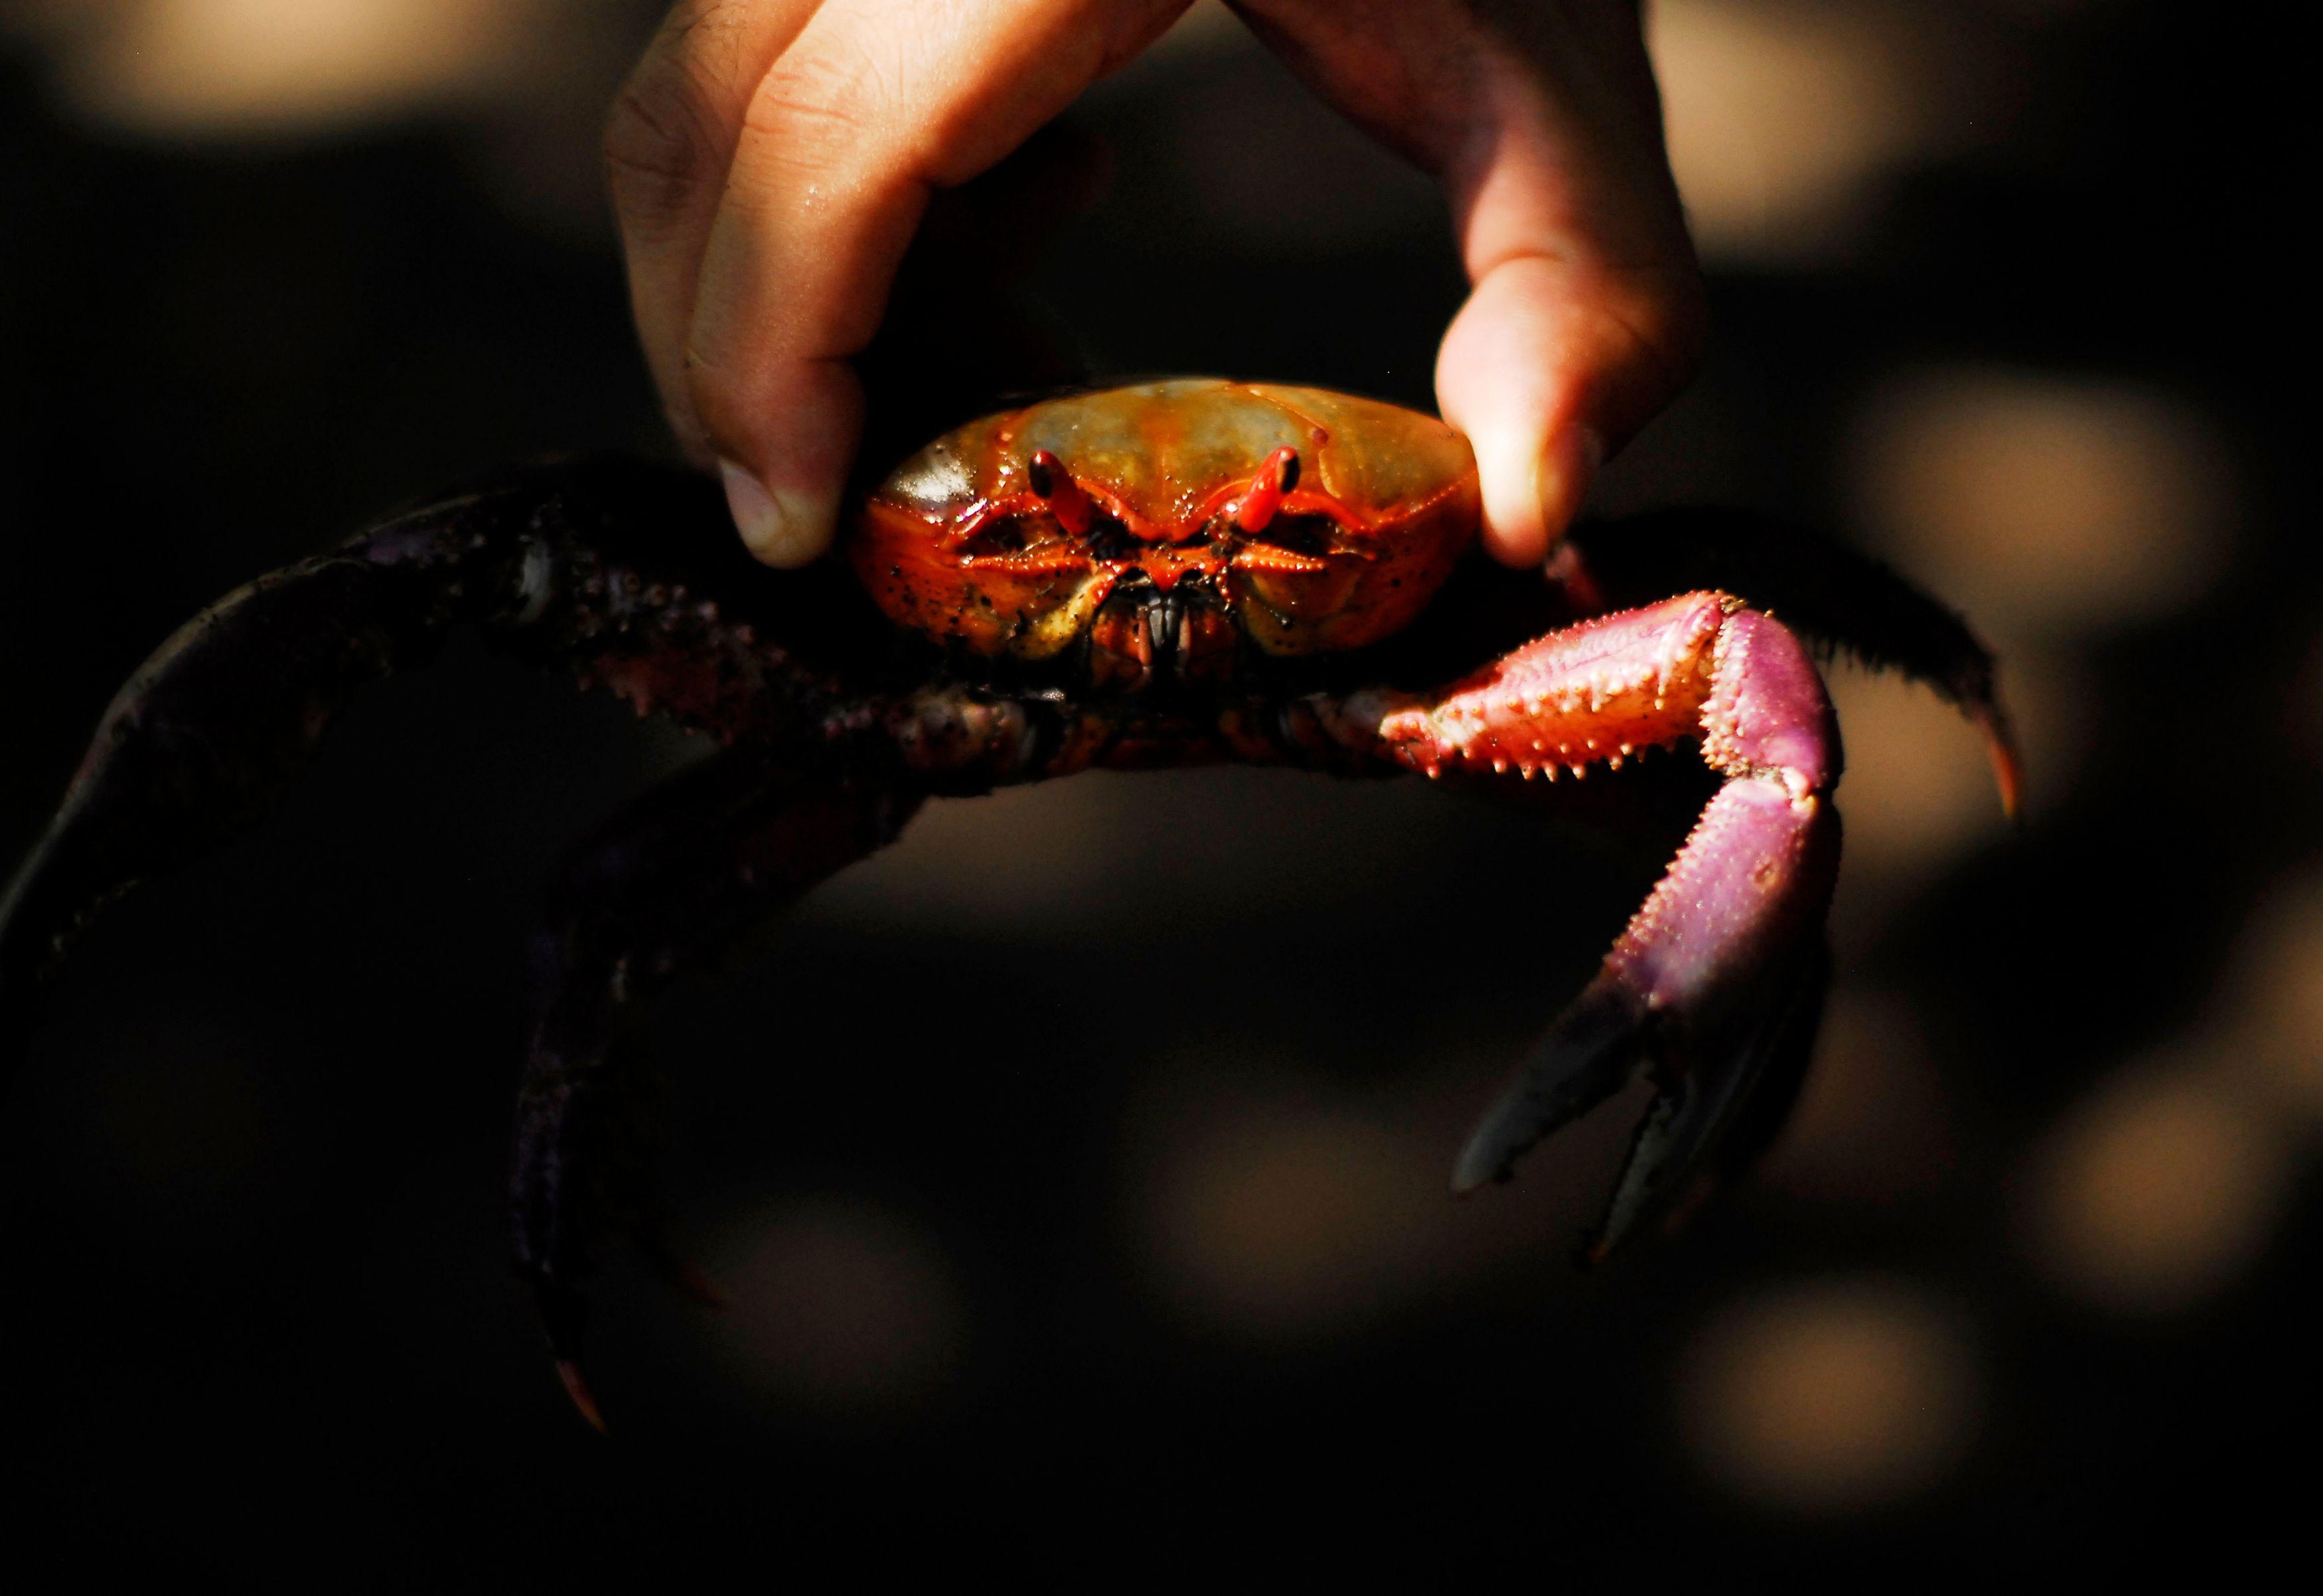 Une étude indique que les crabes peuvent ressentir la douleur.